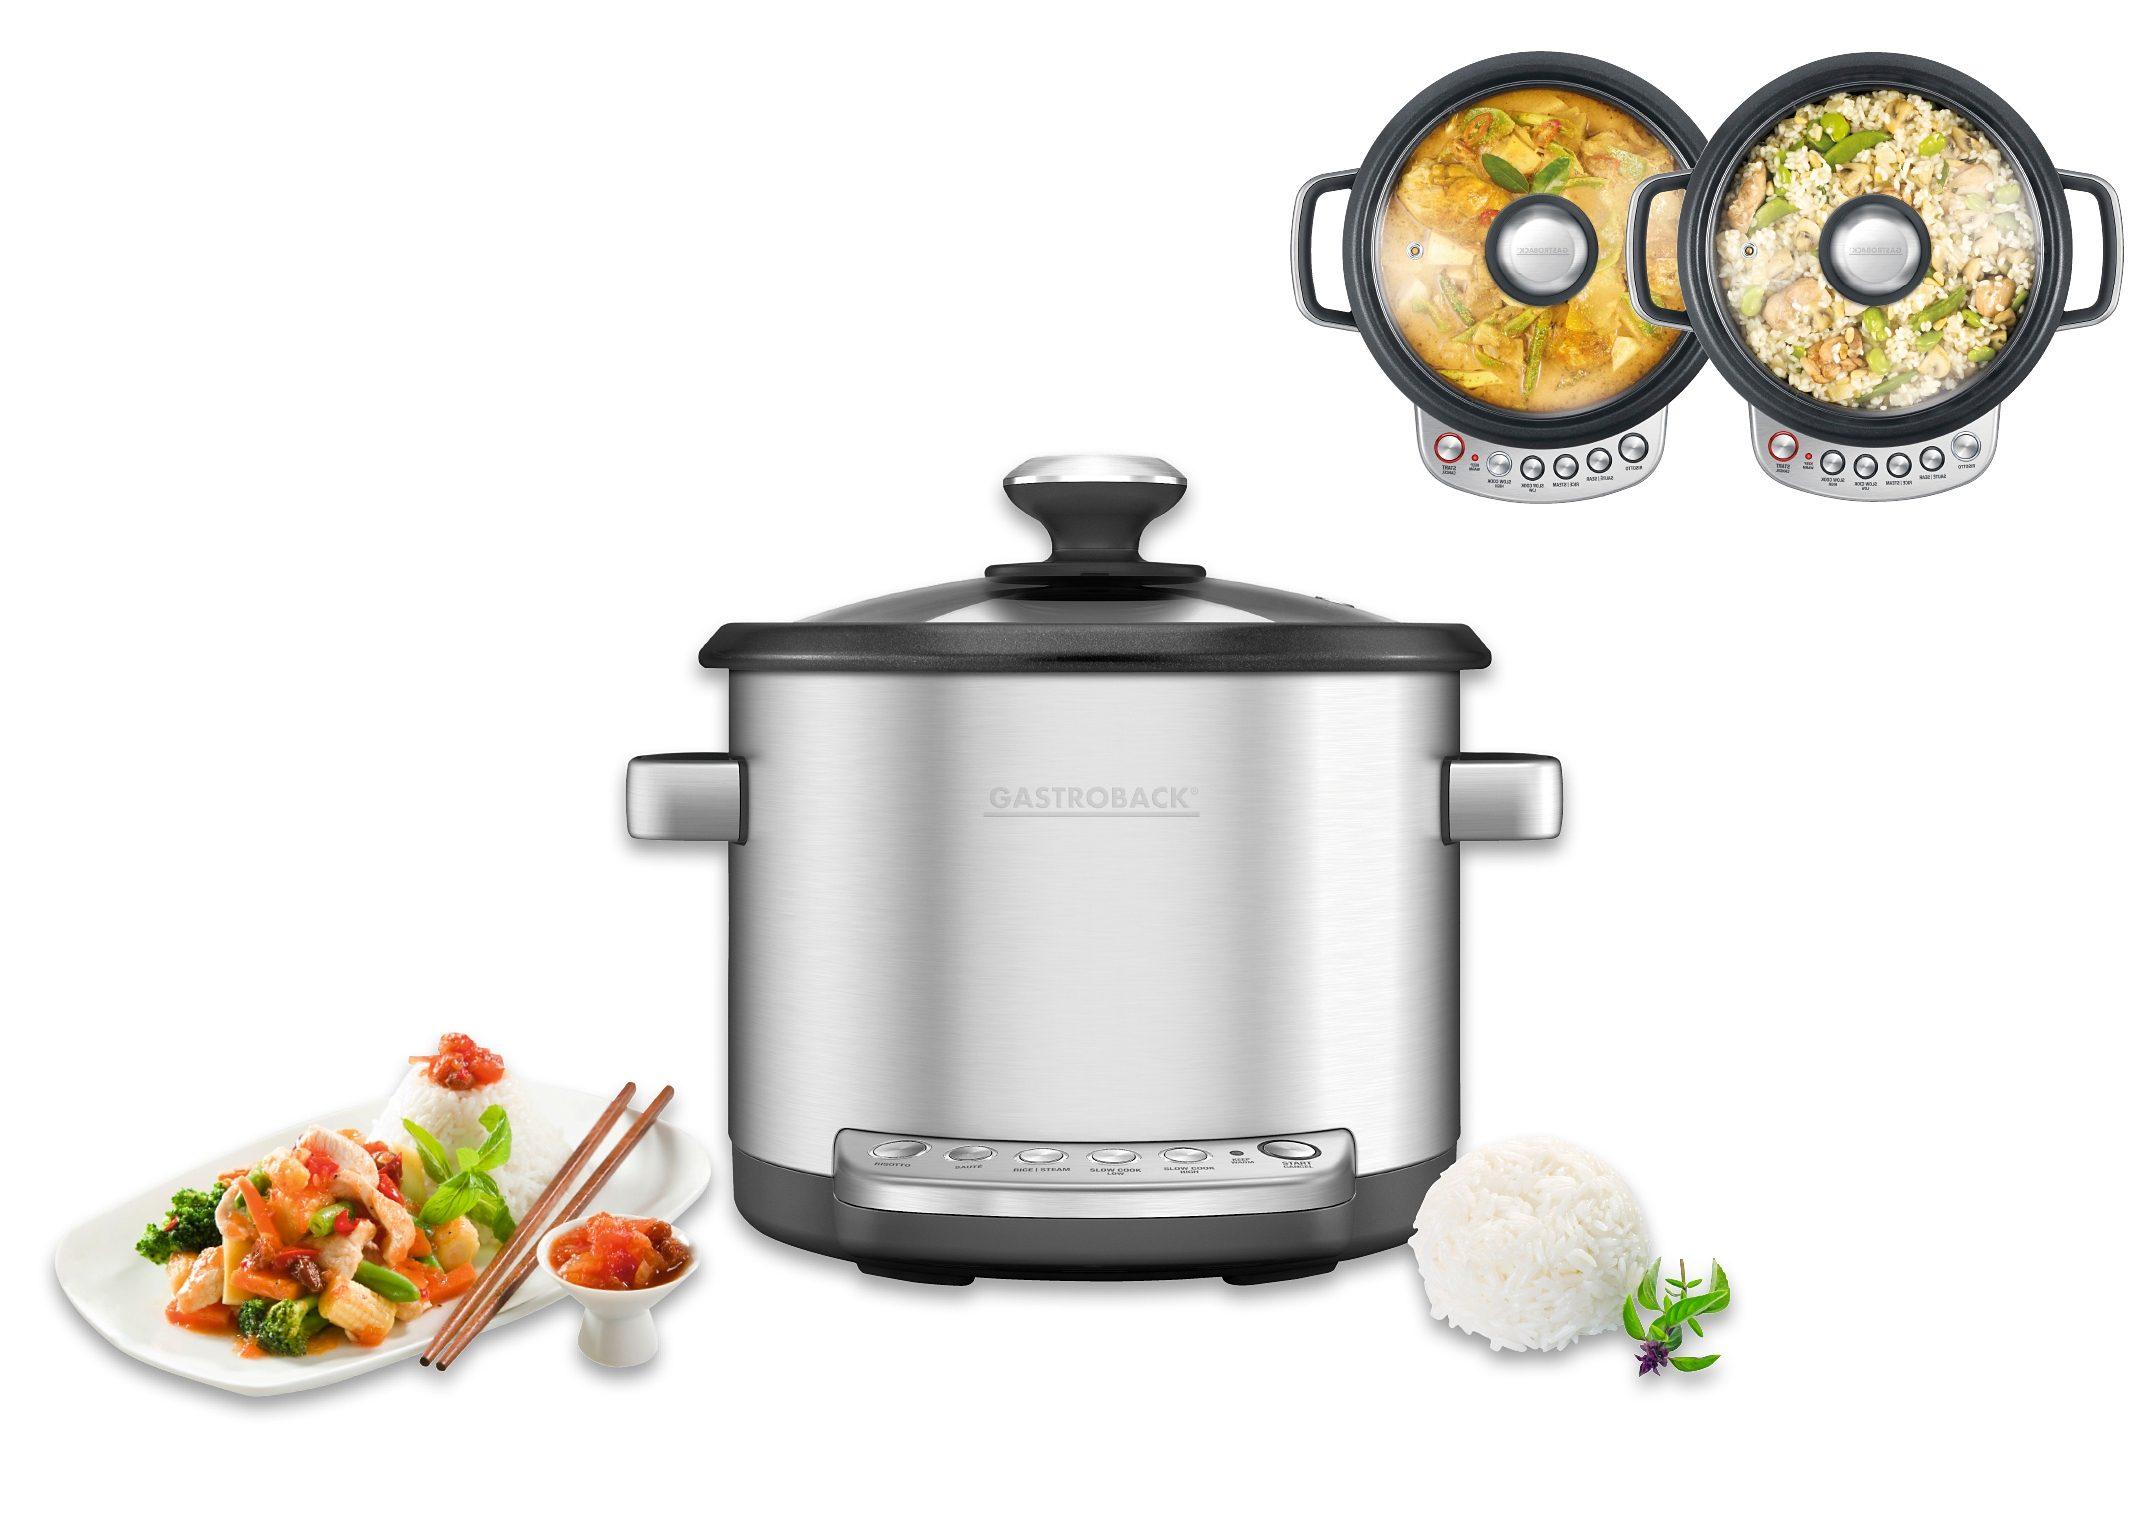 Gastroback Küchenmaschine mit Kochfunktion Design Multicooker Advanced, 760 W, 3,7 l Schüssel